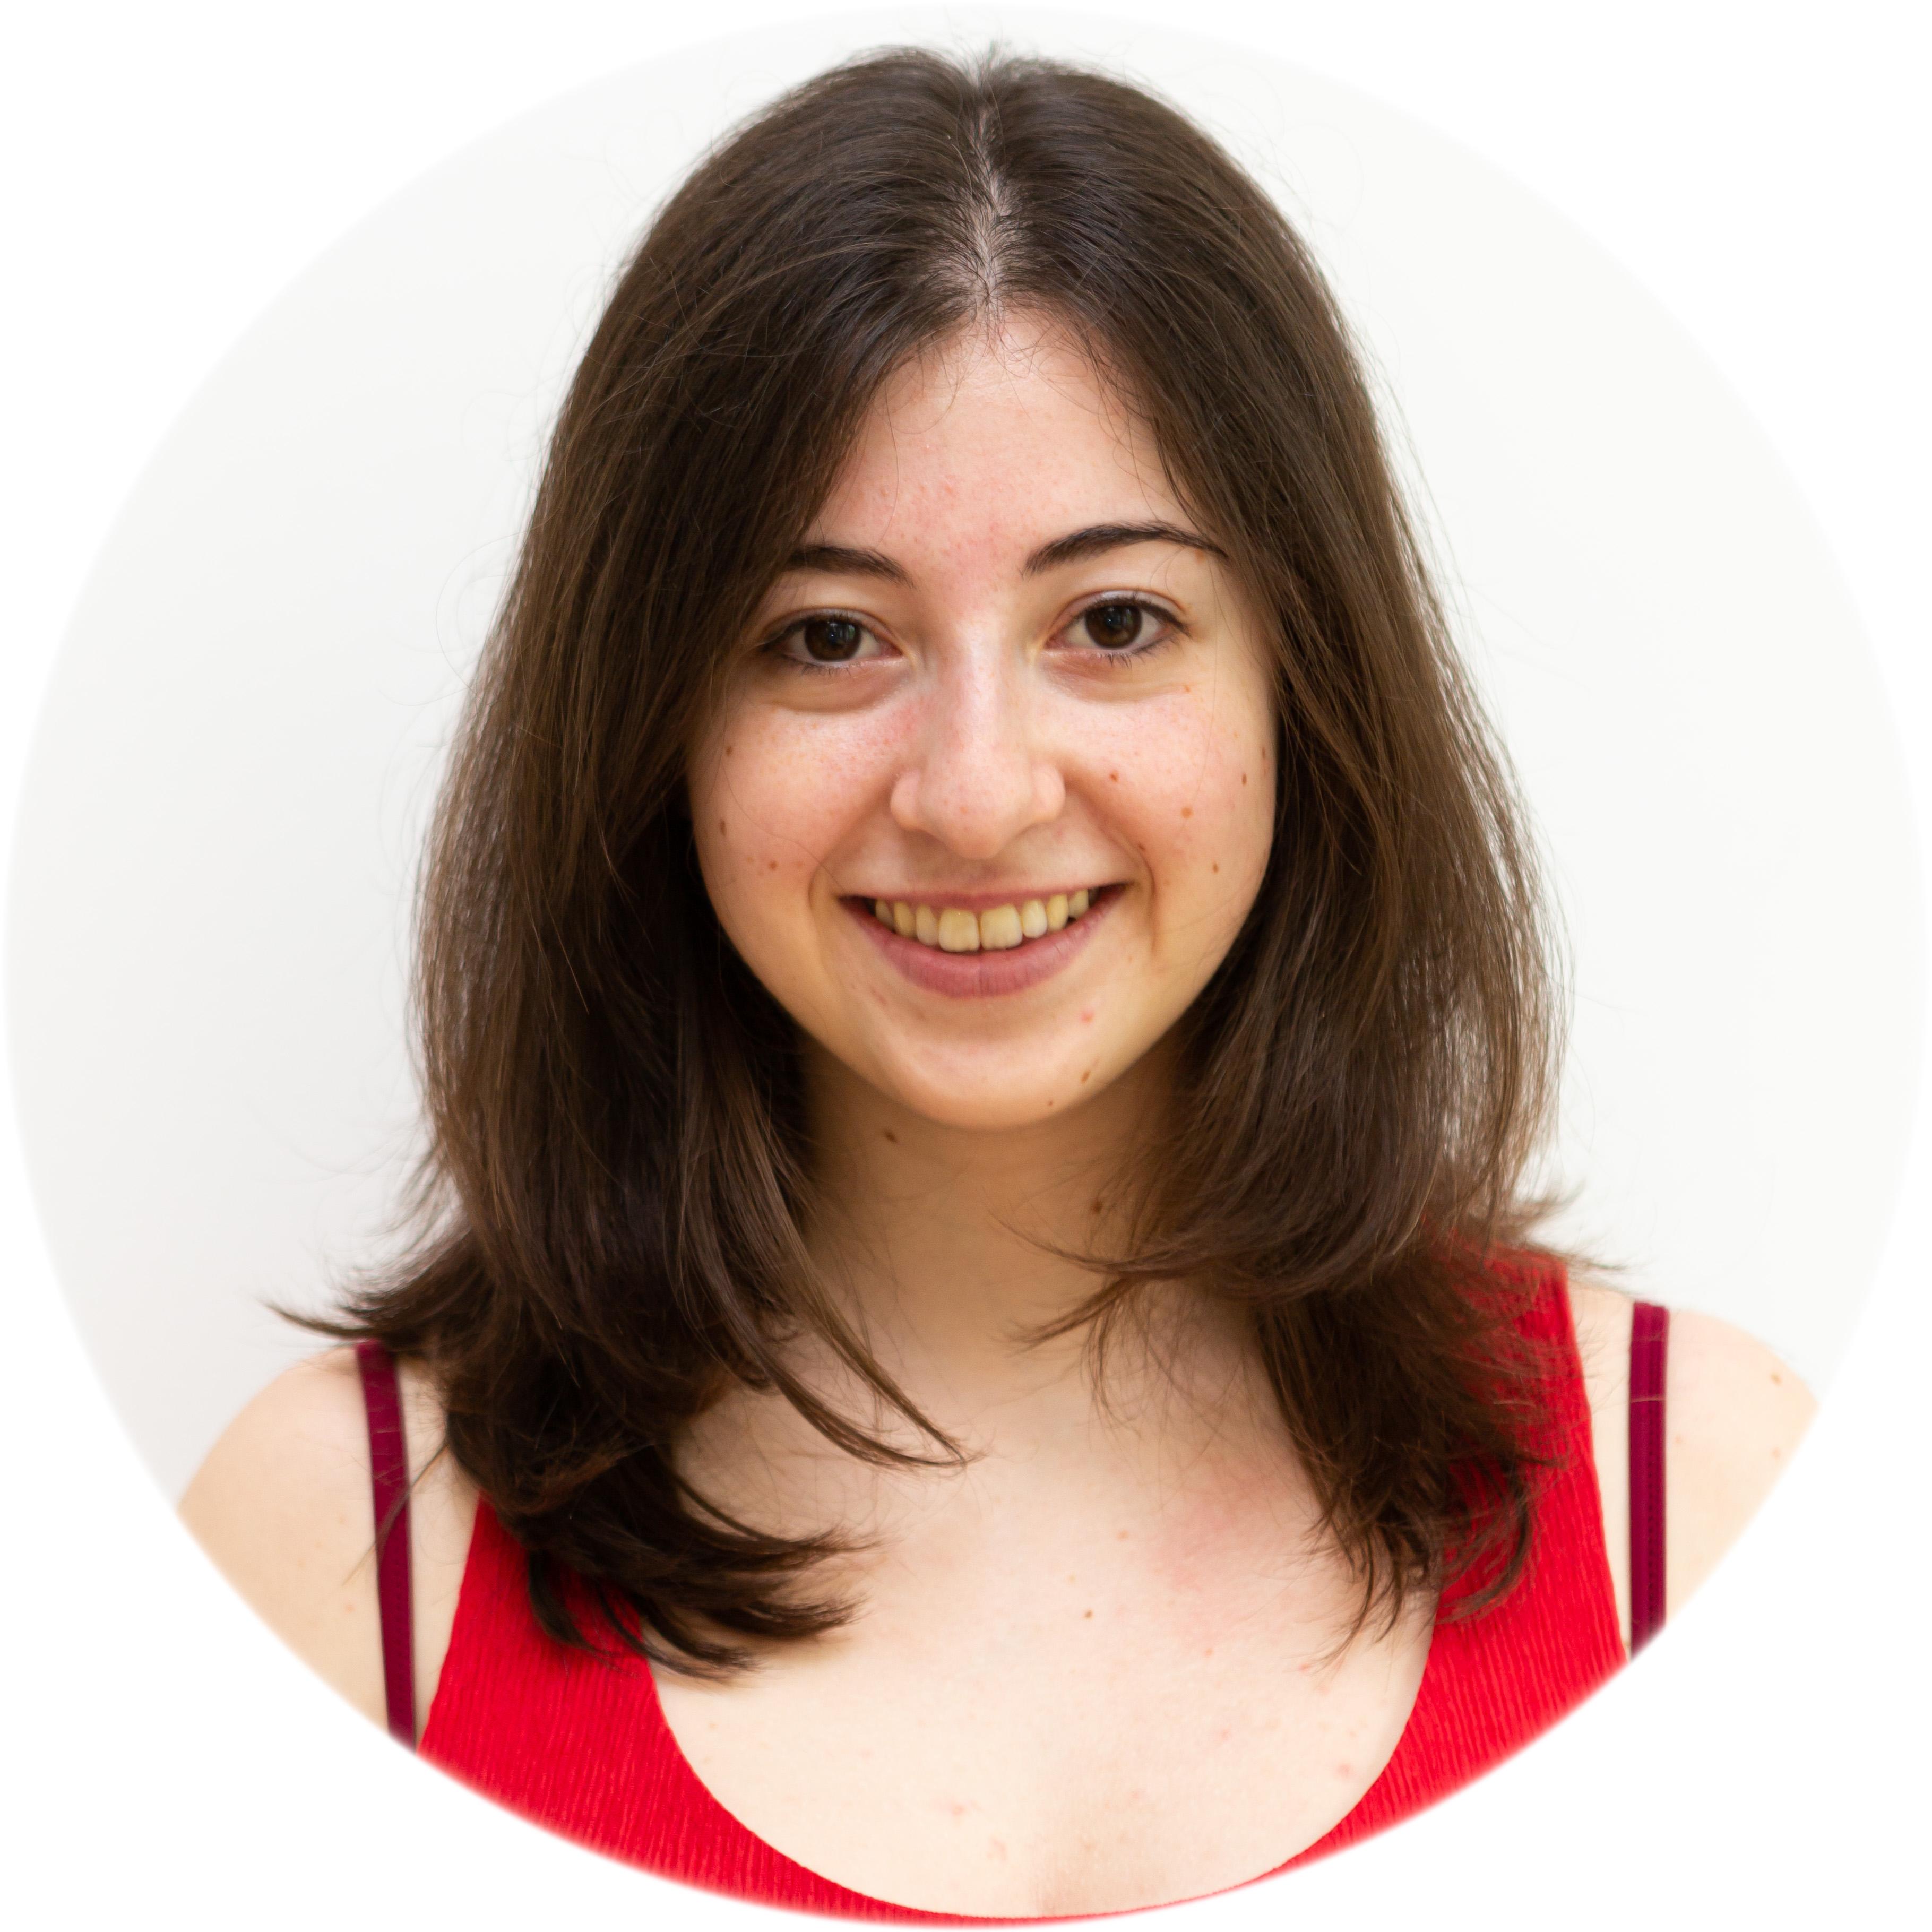 AnnalisaSantoro - Tecnico della Riabilitazione Psichiatrica